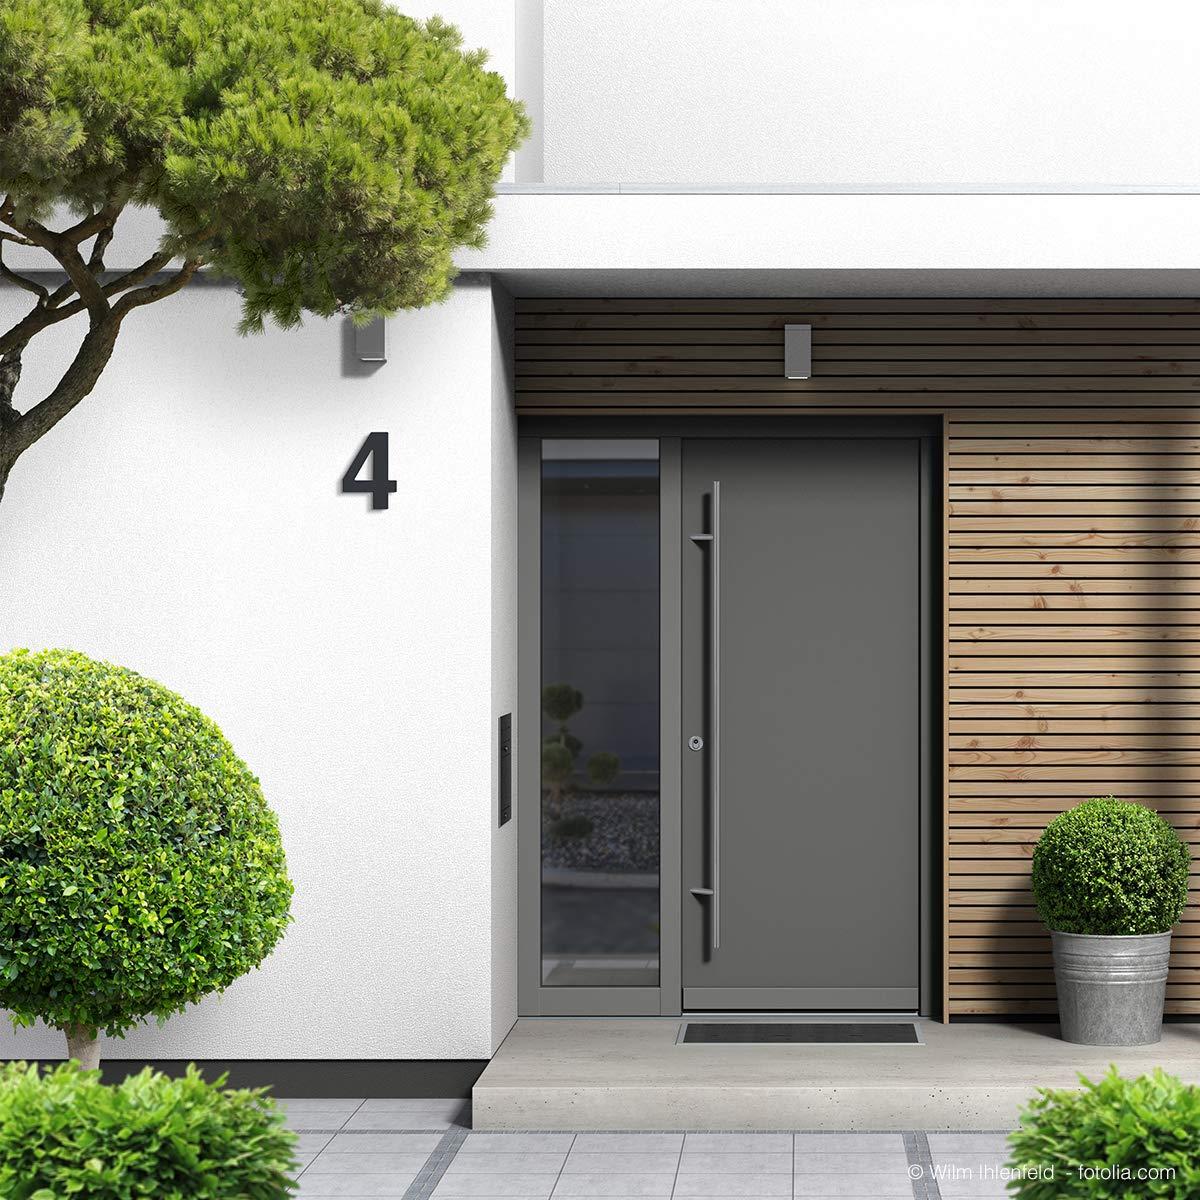 Trinoxx Design V2A RAL 7016 N/úmero de casa acero inoxidable, revestimiento fino, 16 cm color gris